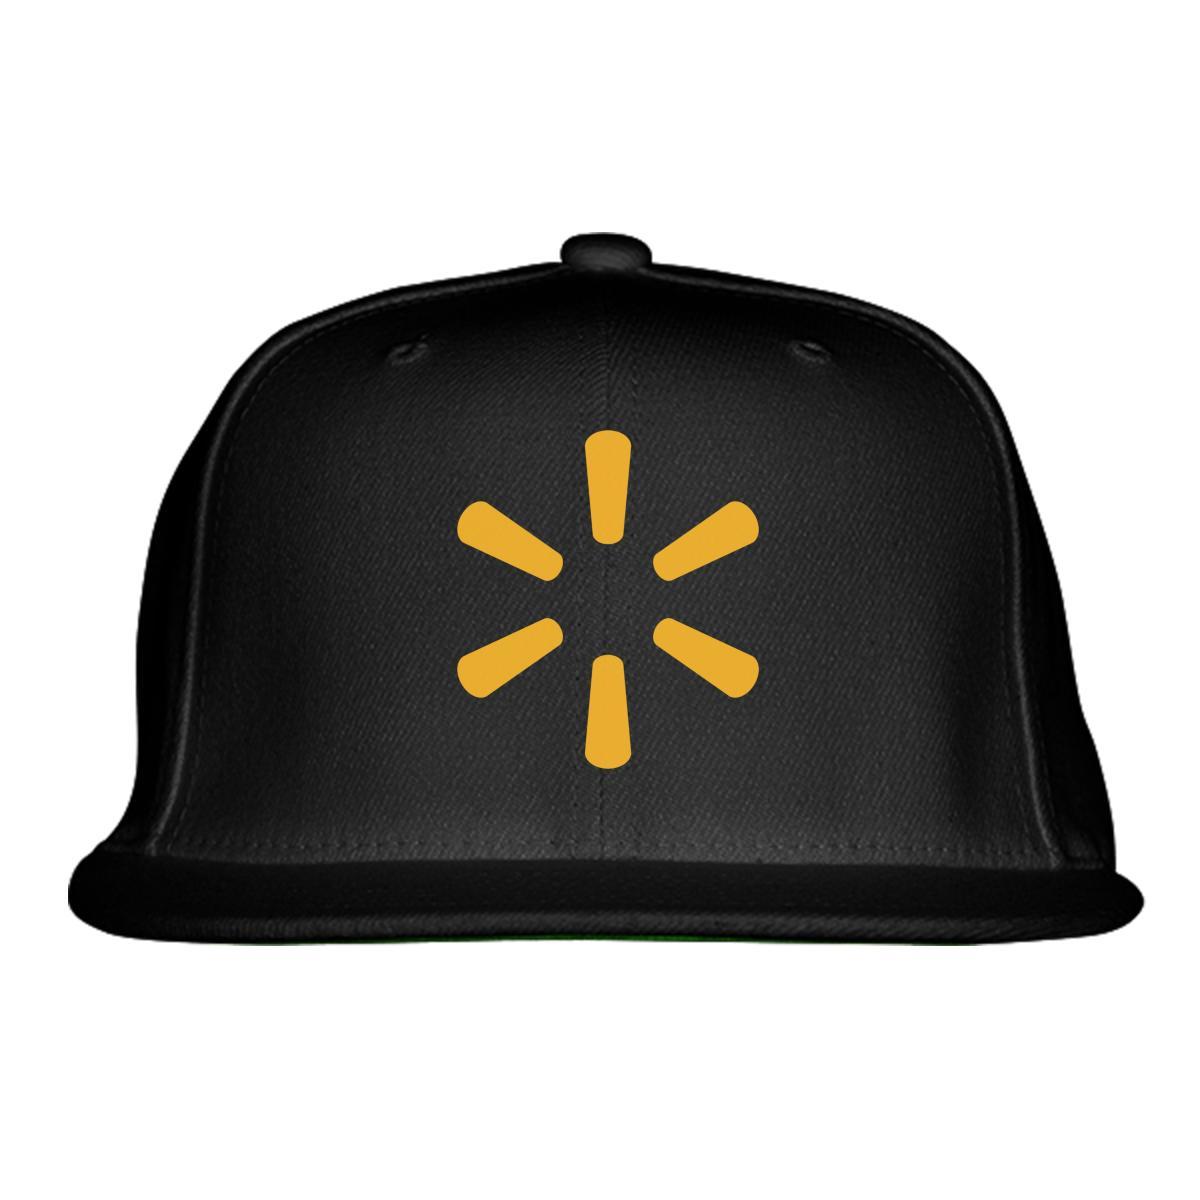 Mens Baseball Hats Walmart